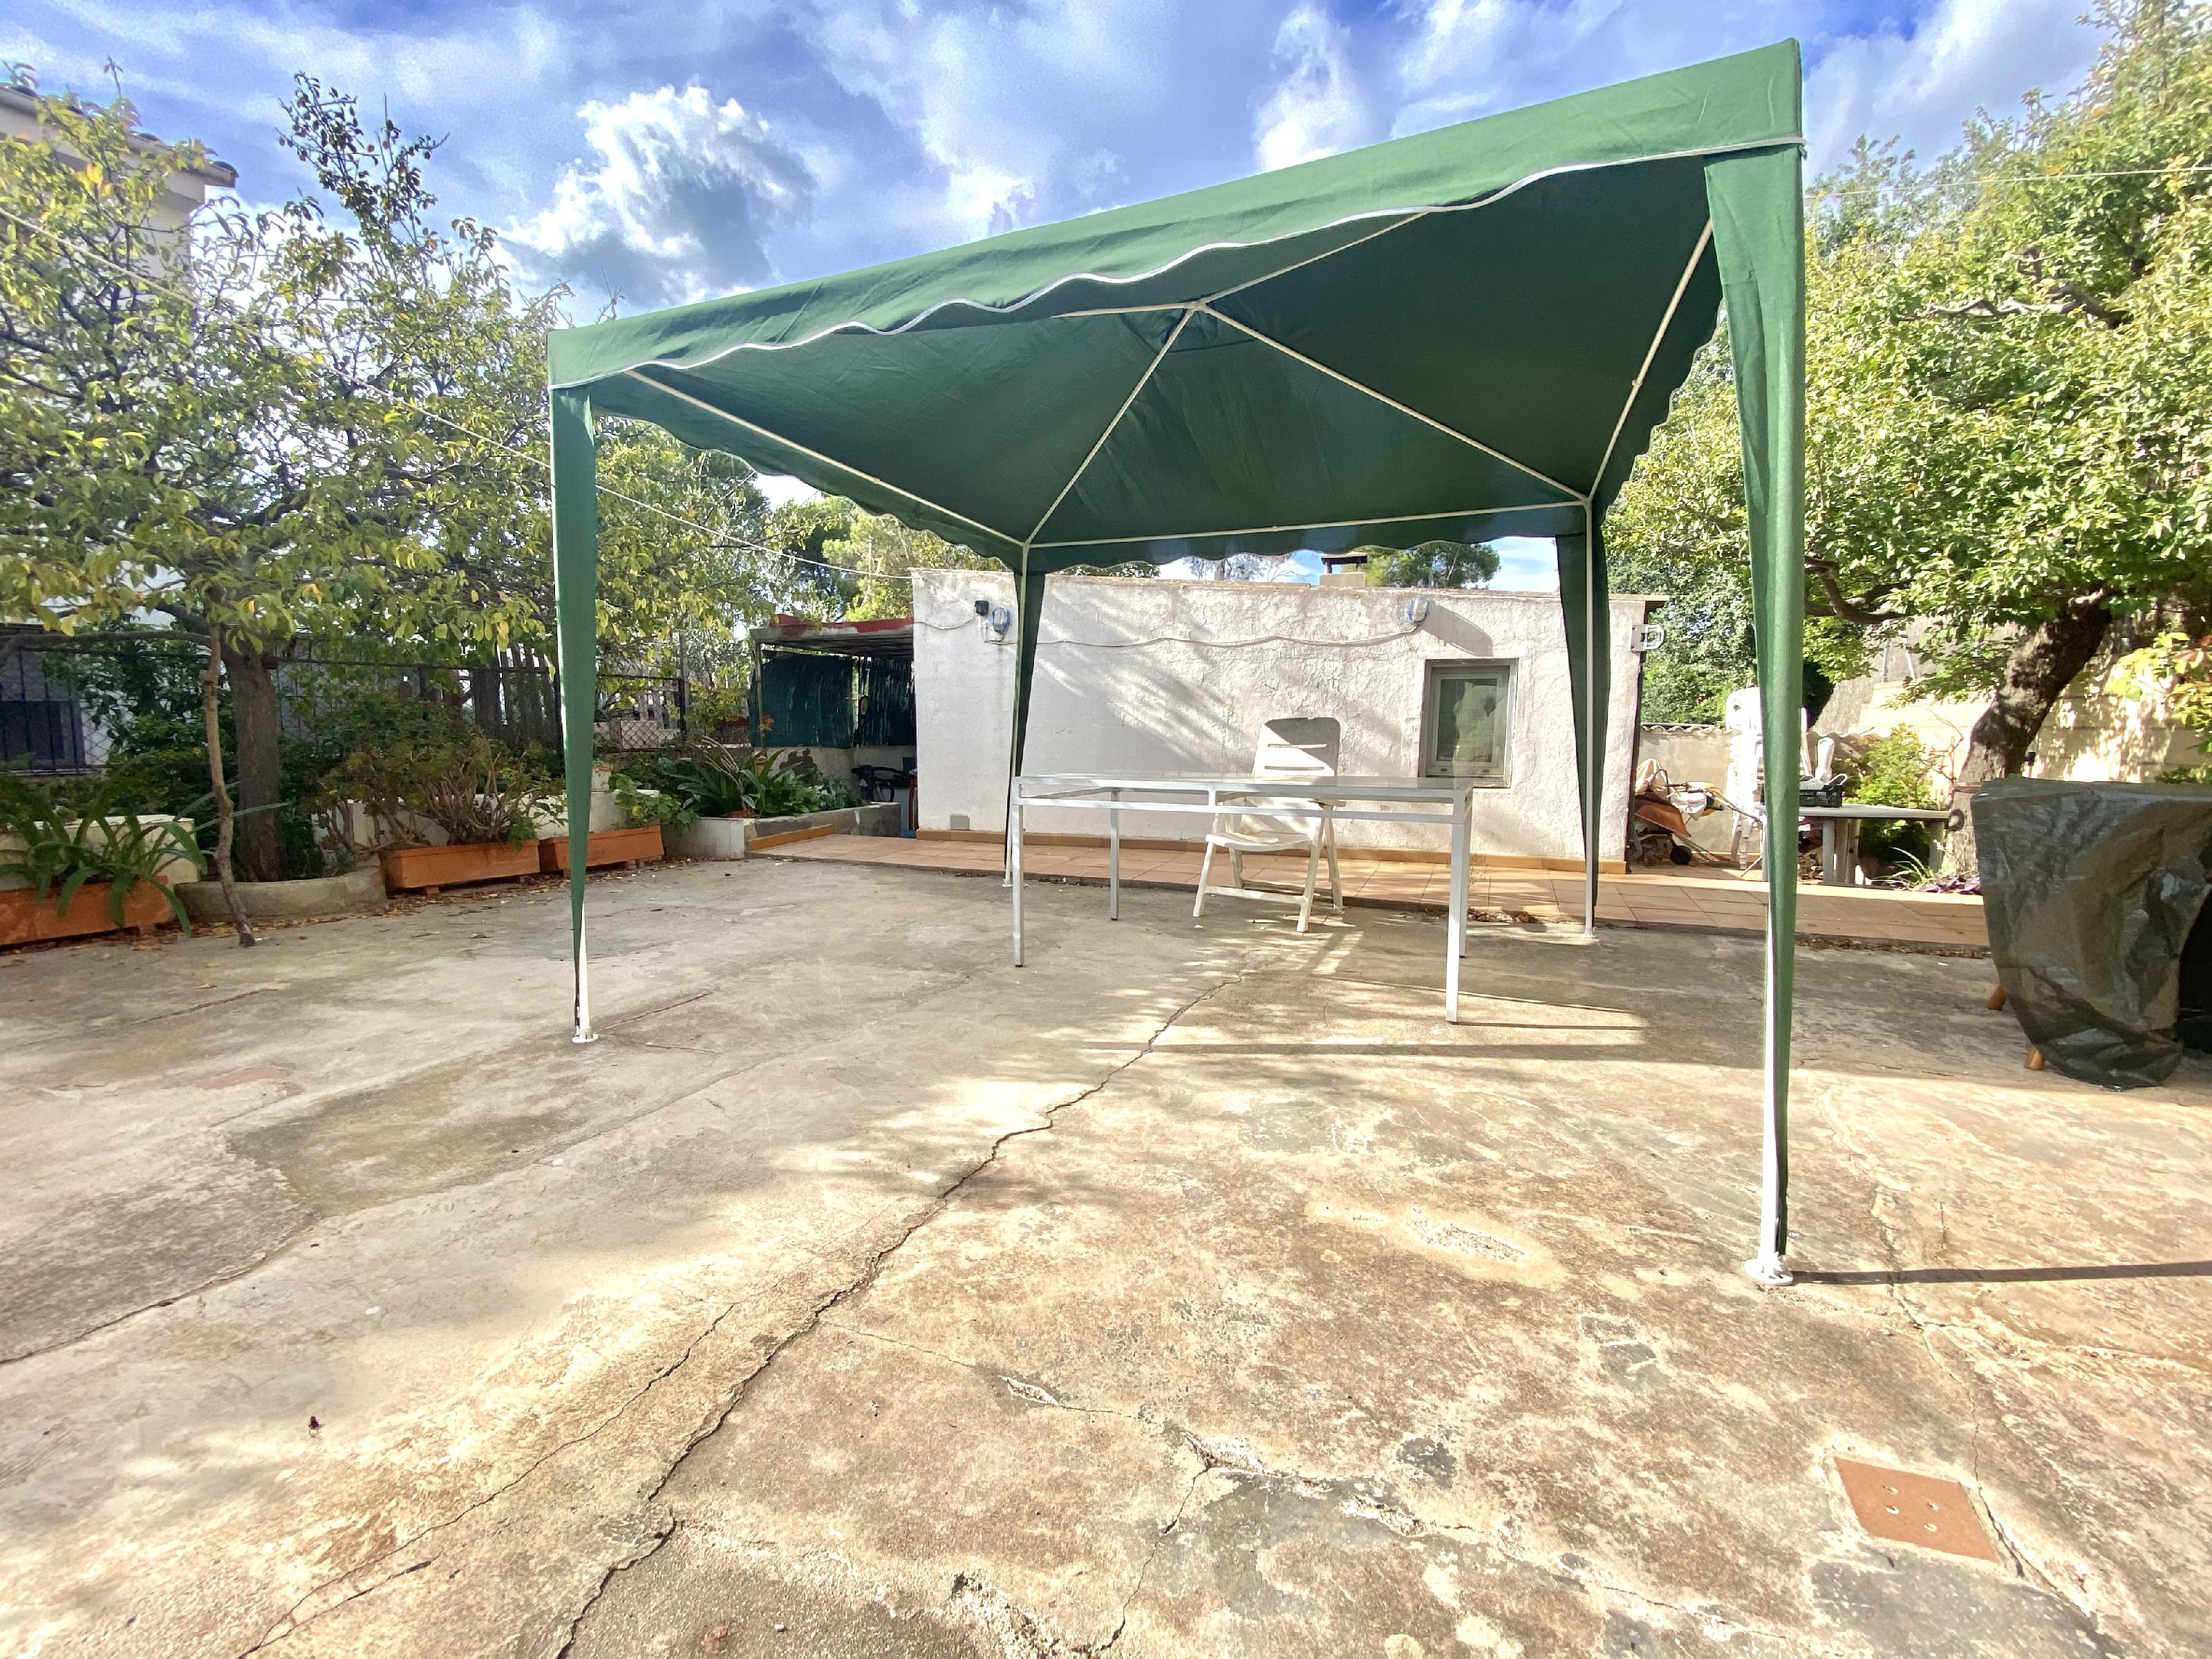 Imagen 2 Casa Aislada en venta en Rubí / Urbanización Els Avets zona muy tranquila y verde.